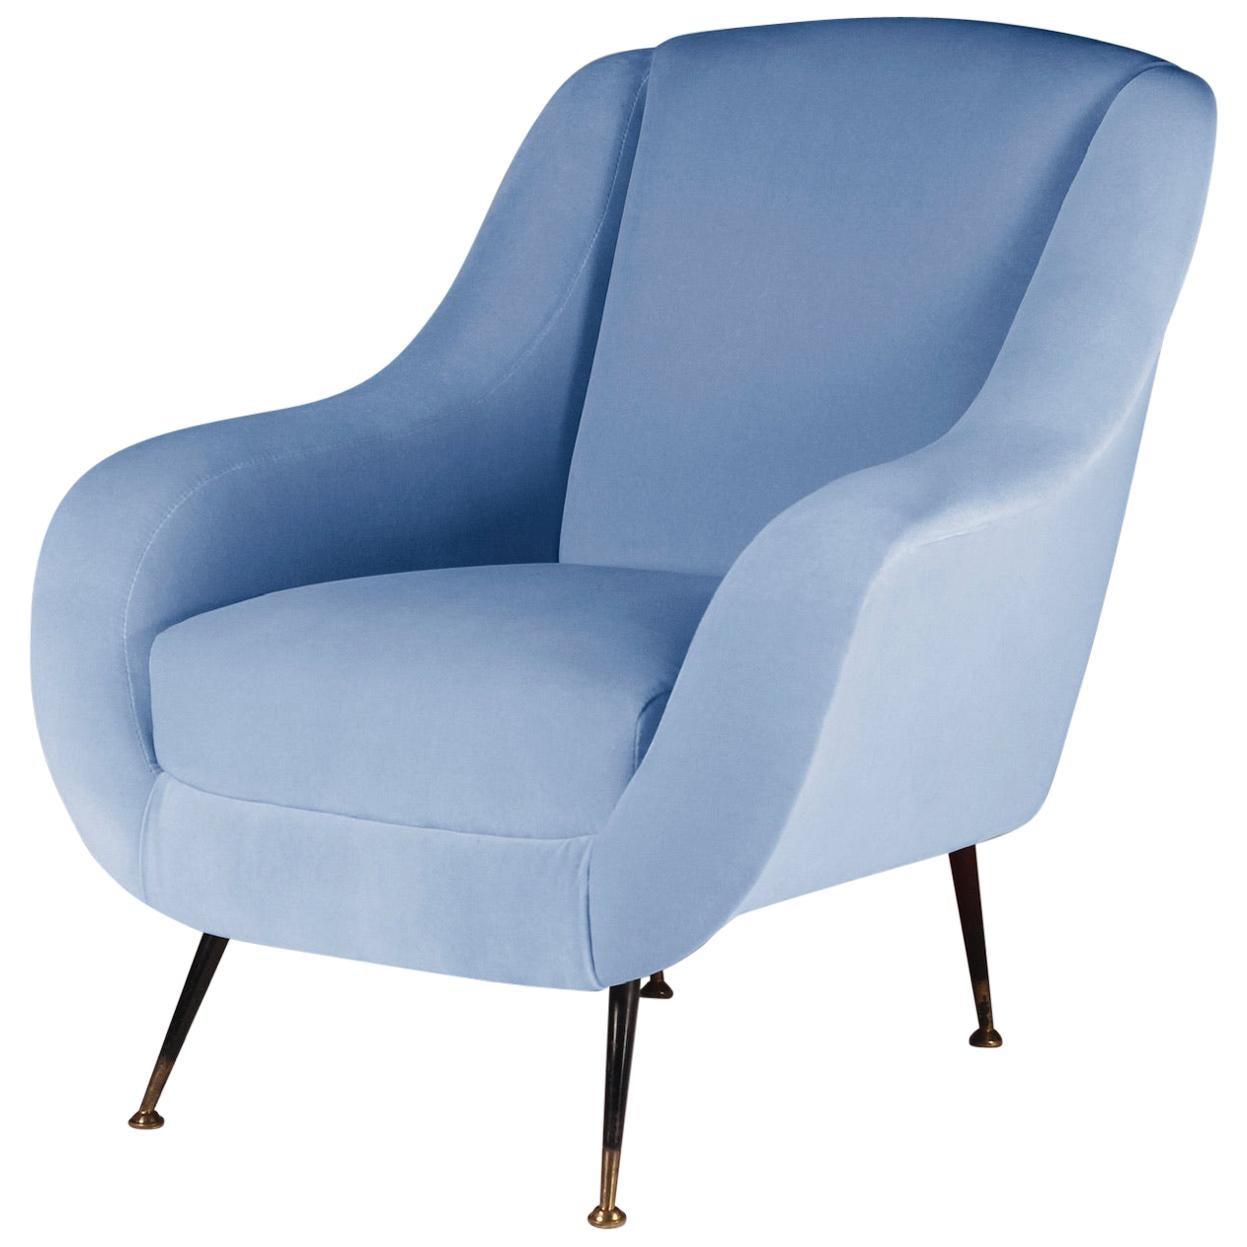 Mid-Century Modern Style Italian Lounge Chair in Light Blue Velvet